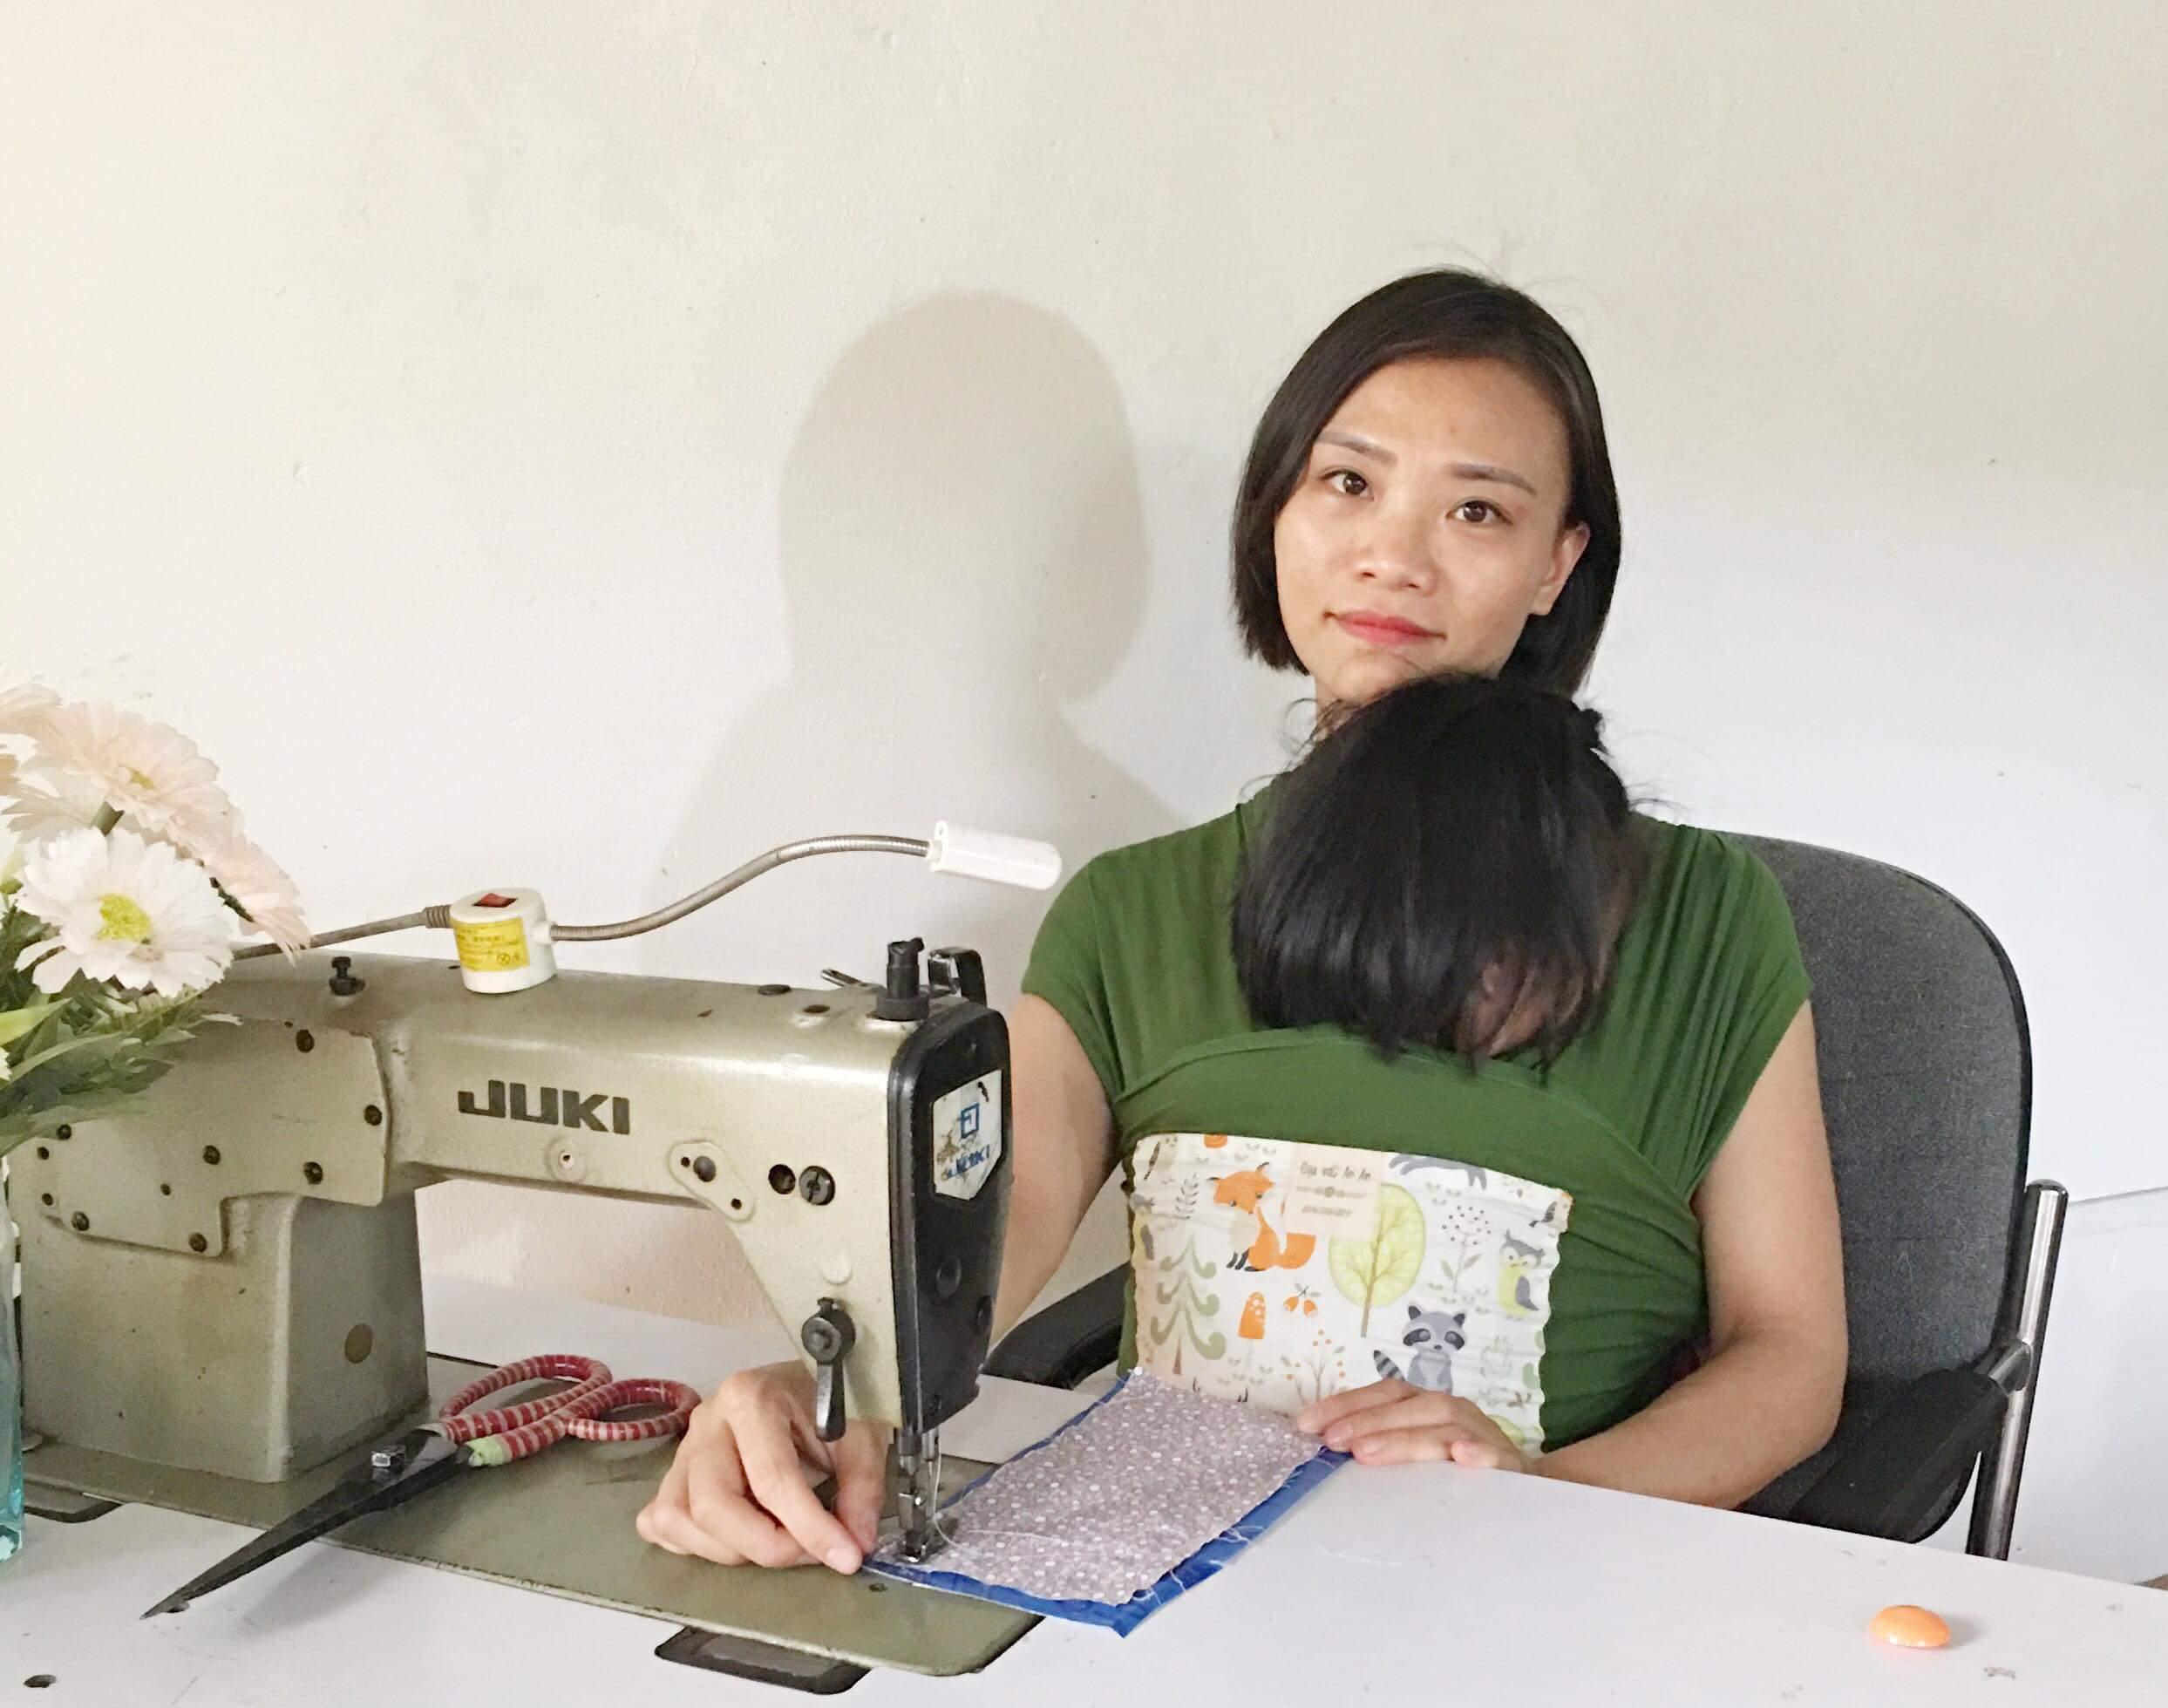 Trò chuyện với chị Đỗ Diệu Linh, chủ nhà may địu vải An An, người bạn đồng hành của rất nhiều bà mẹ bỉm sữa (18/4/2019)